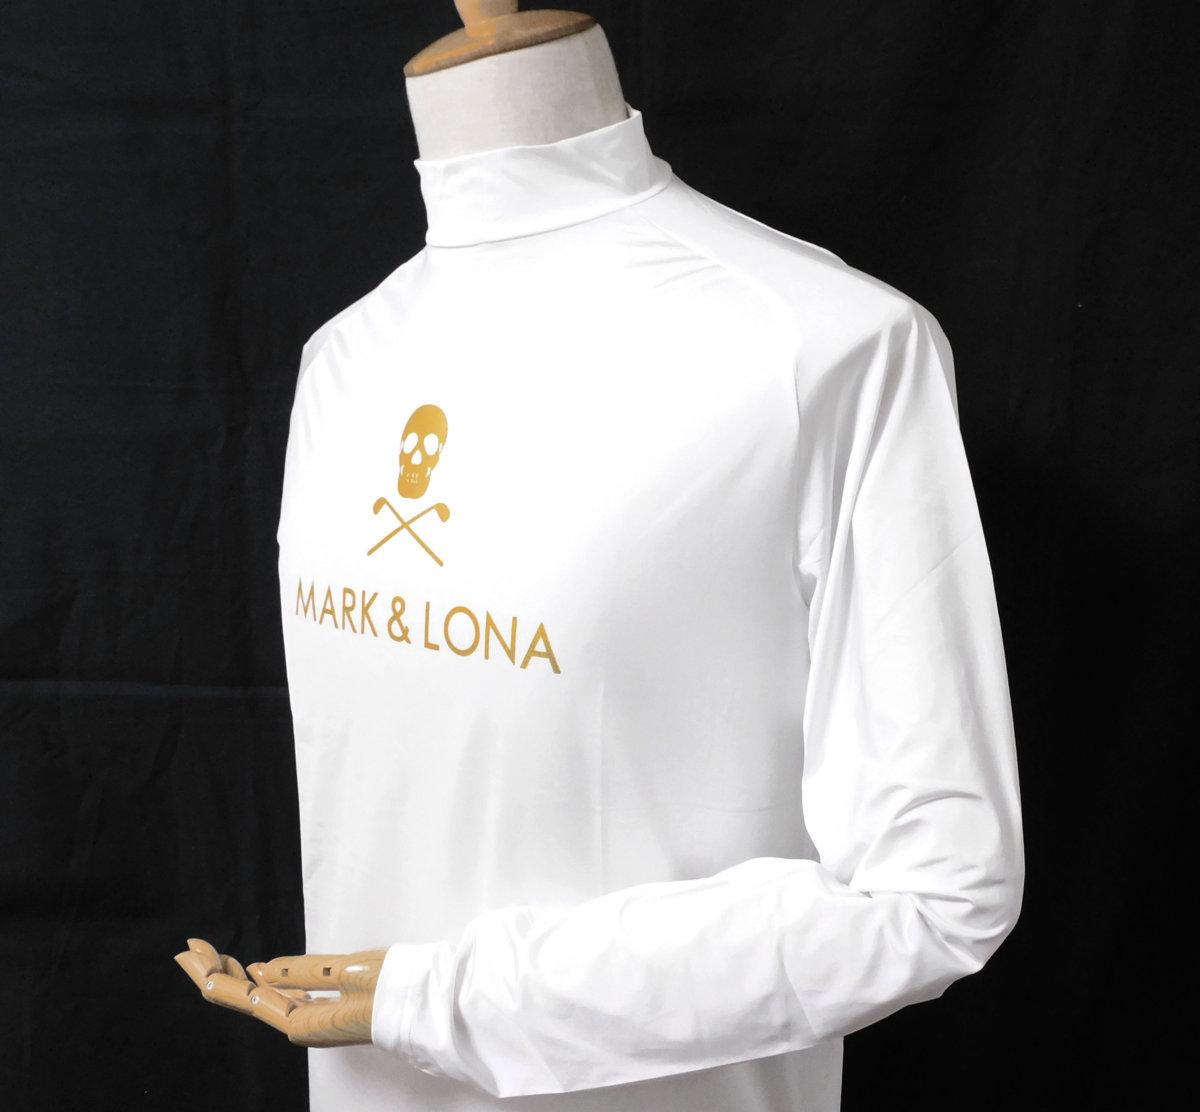 ◆マーク&ロナ◆長袖シャツ◆ホワイト◆Lサイズ◆スカル◆ストレッチ◆ゴルフウェア◆Tシャツ◆MARK&LONA◆